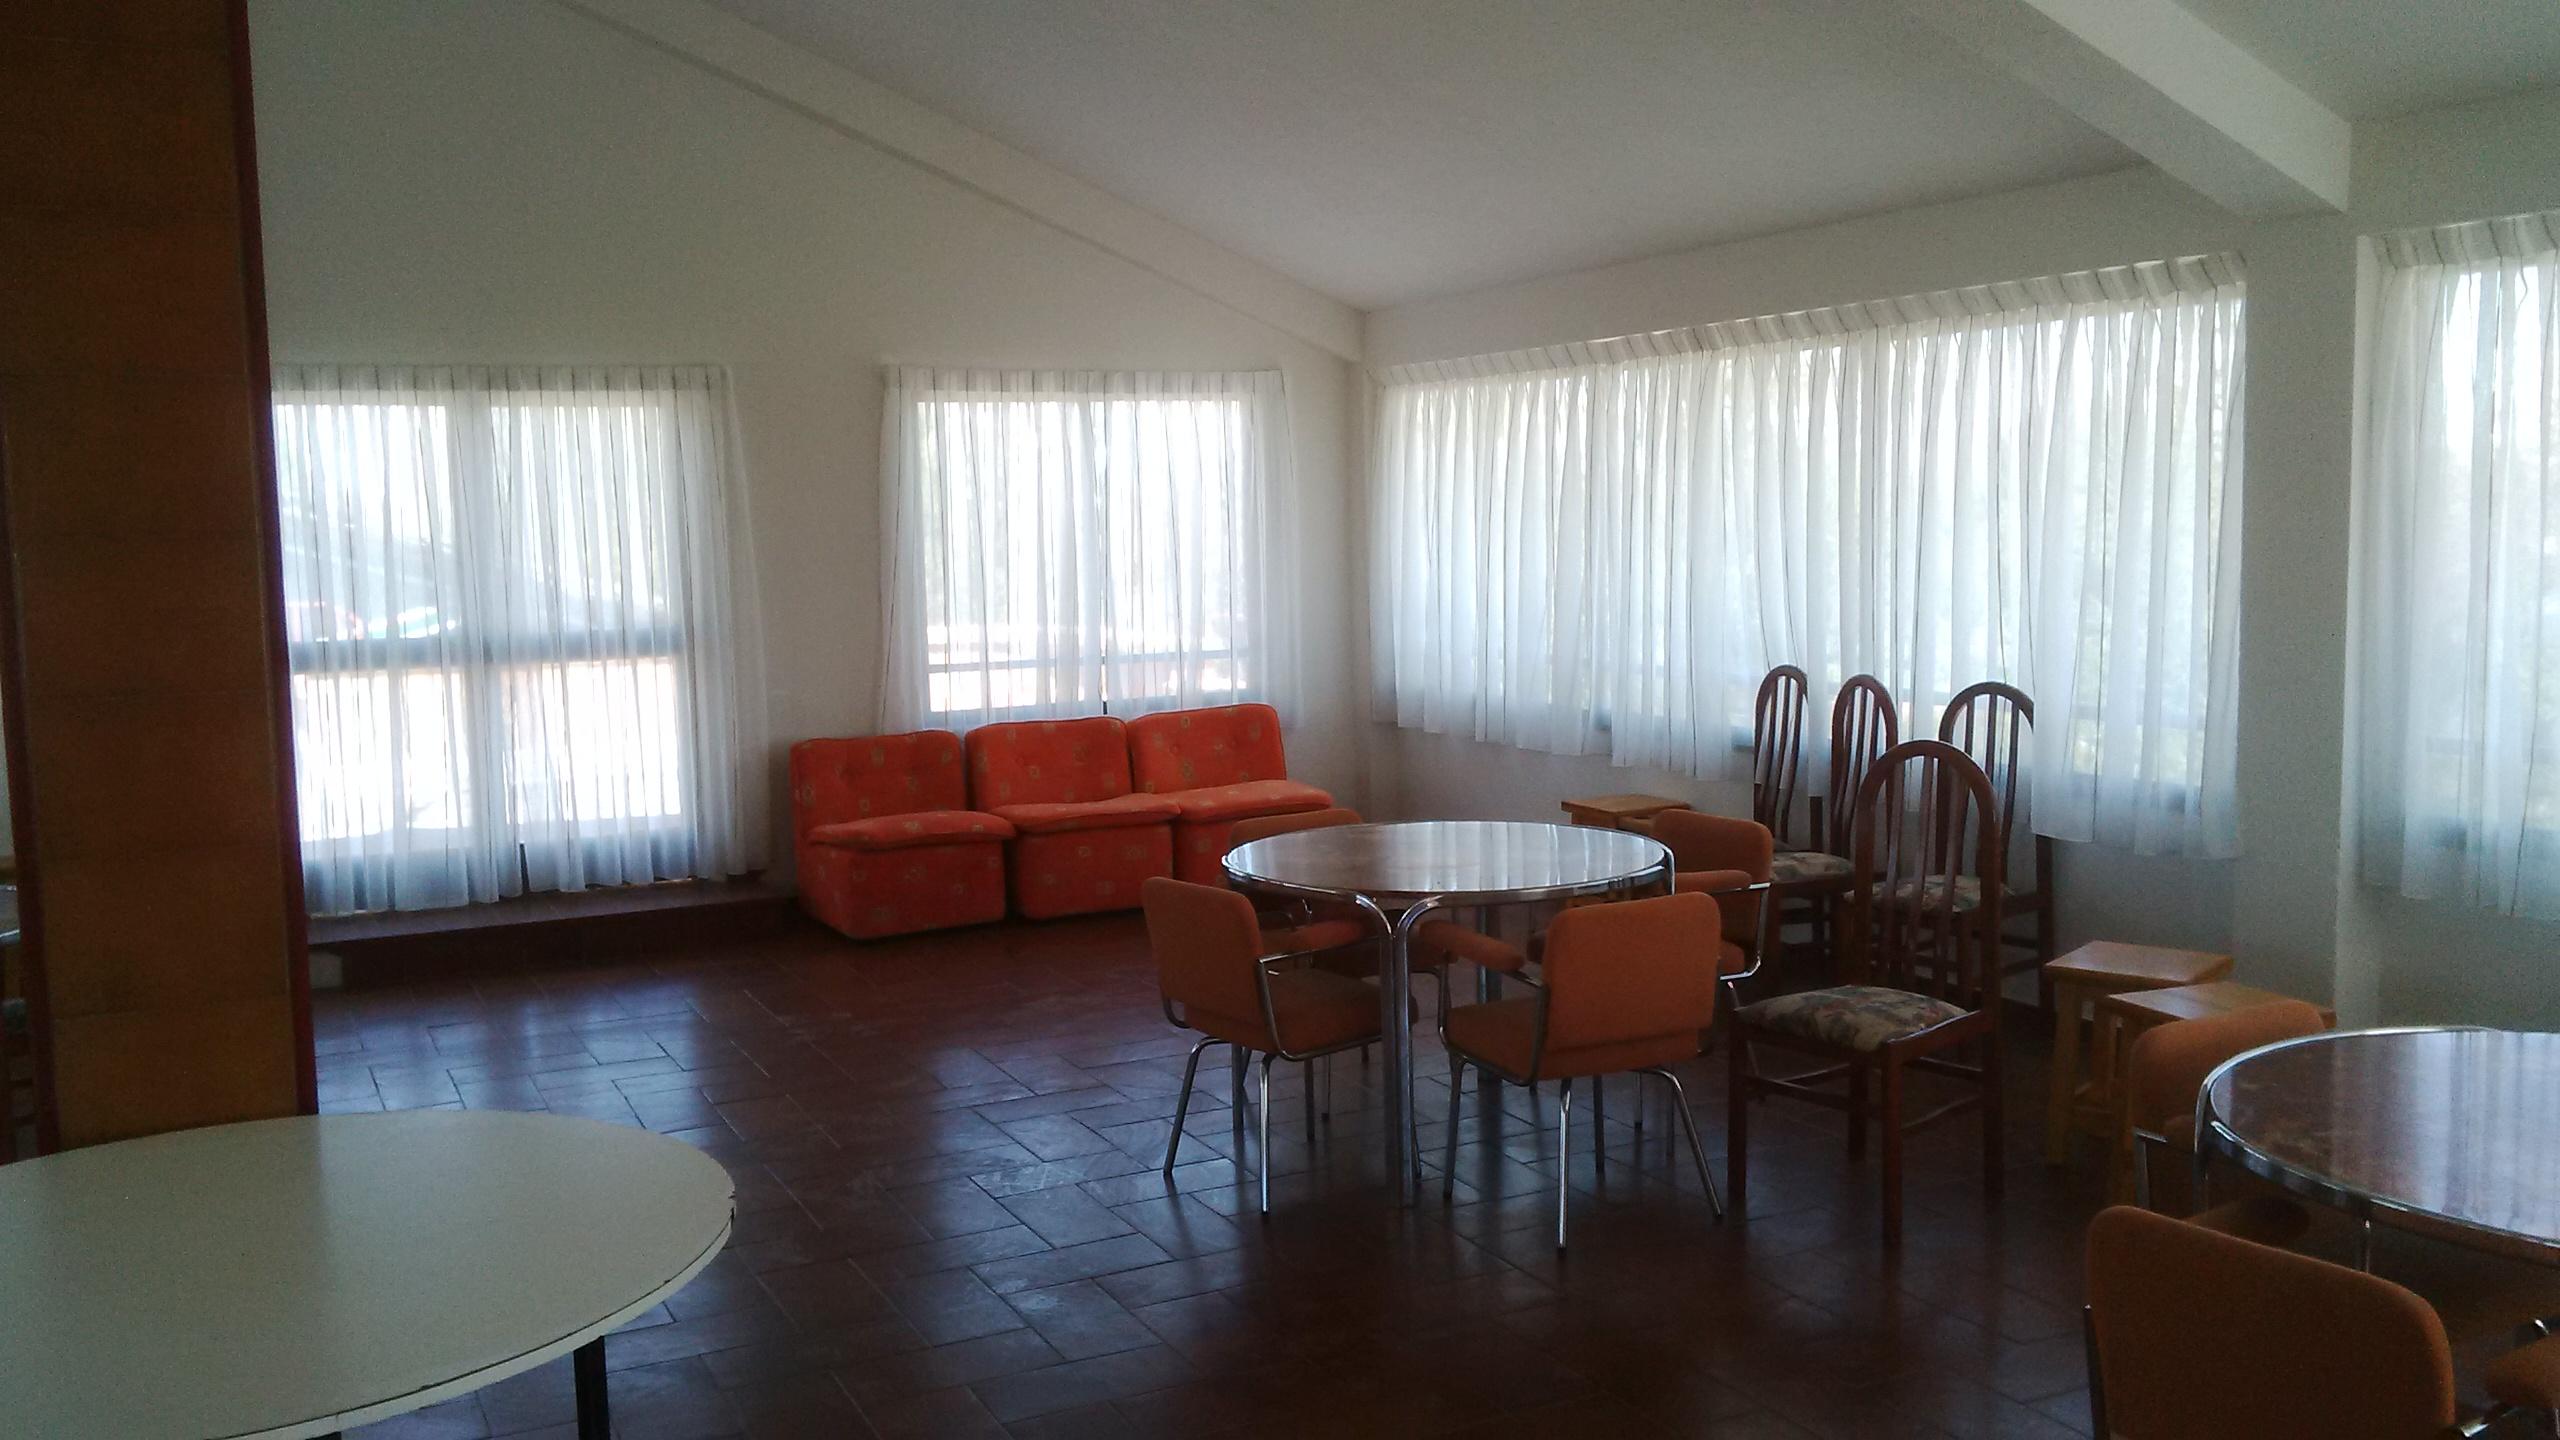 Img 20160414 131001 ropa de hogar tapicer as casta o for Tapicerias castano